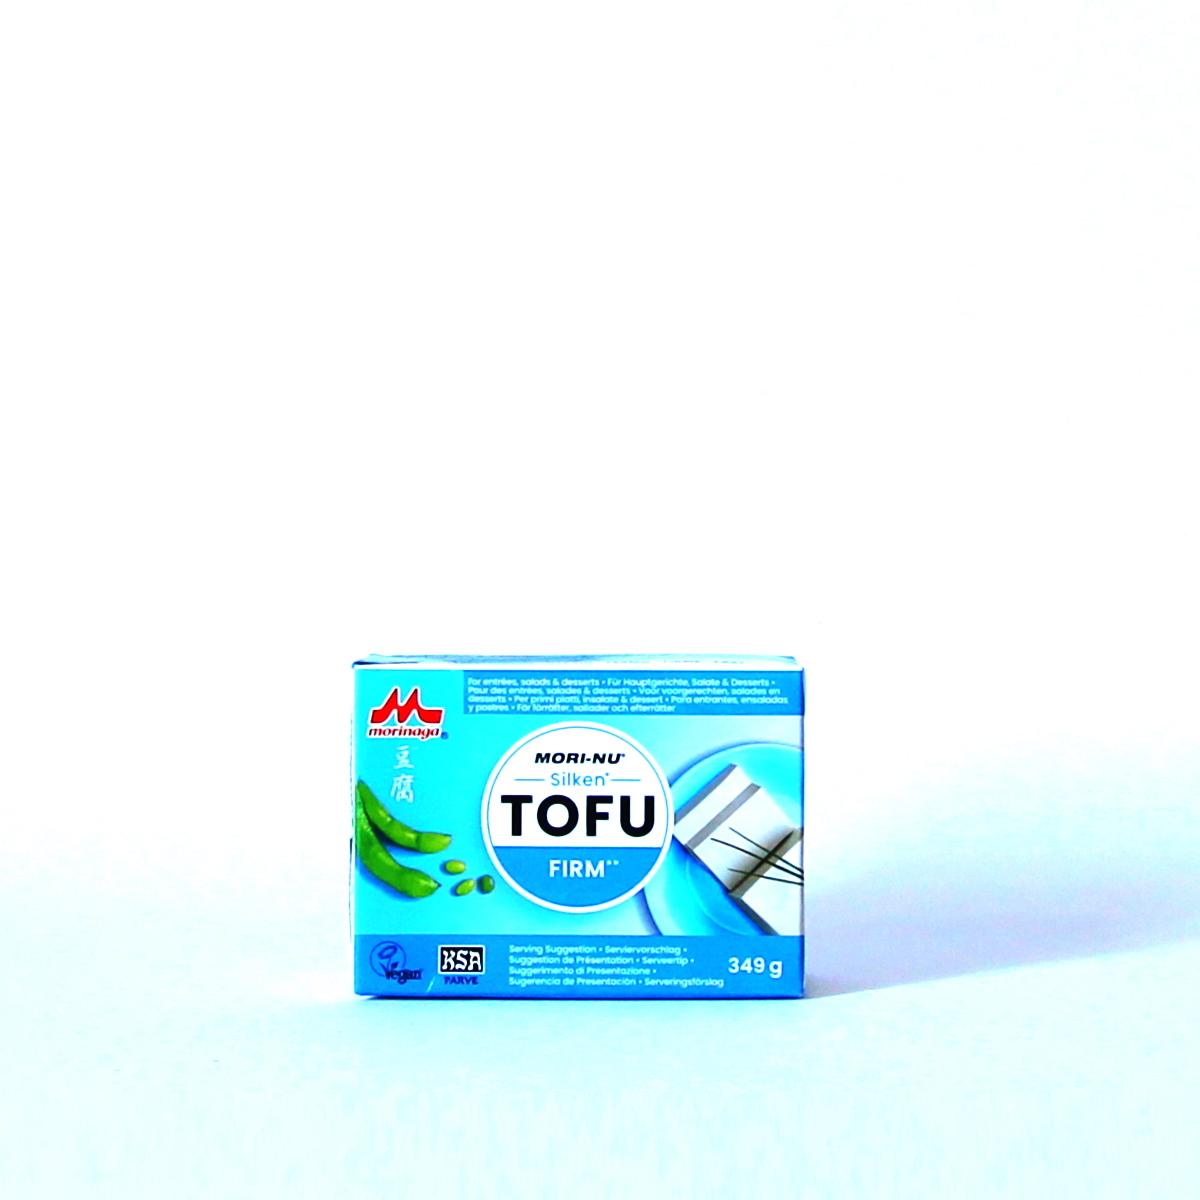 Silken Tofu Firm 349g (Seidentofu), MORI-NU